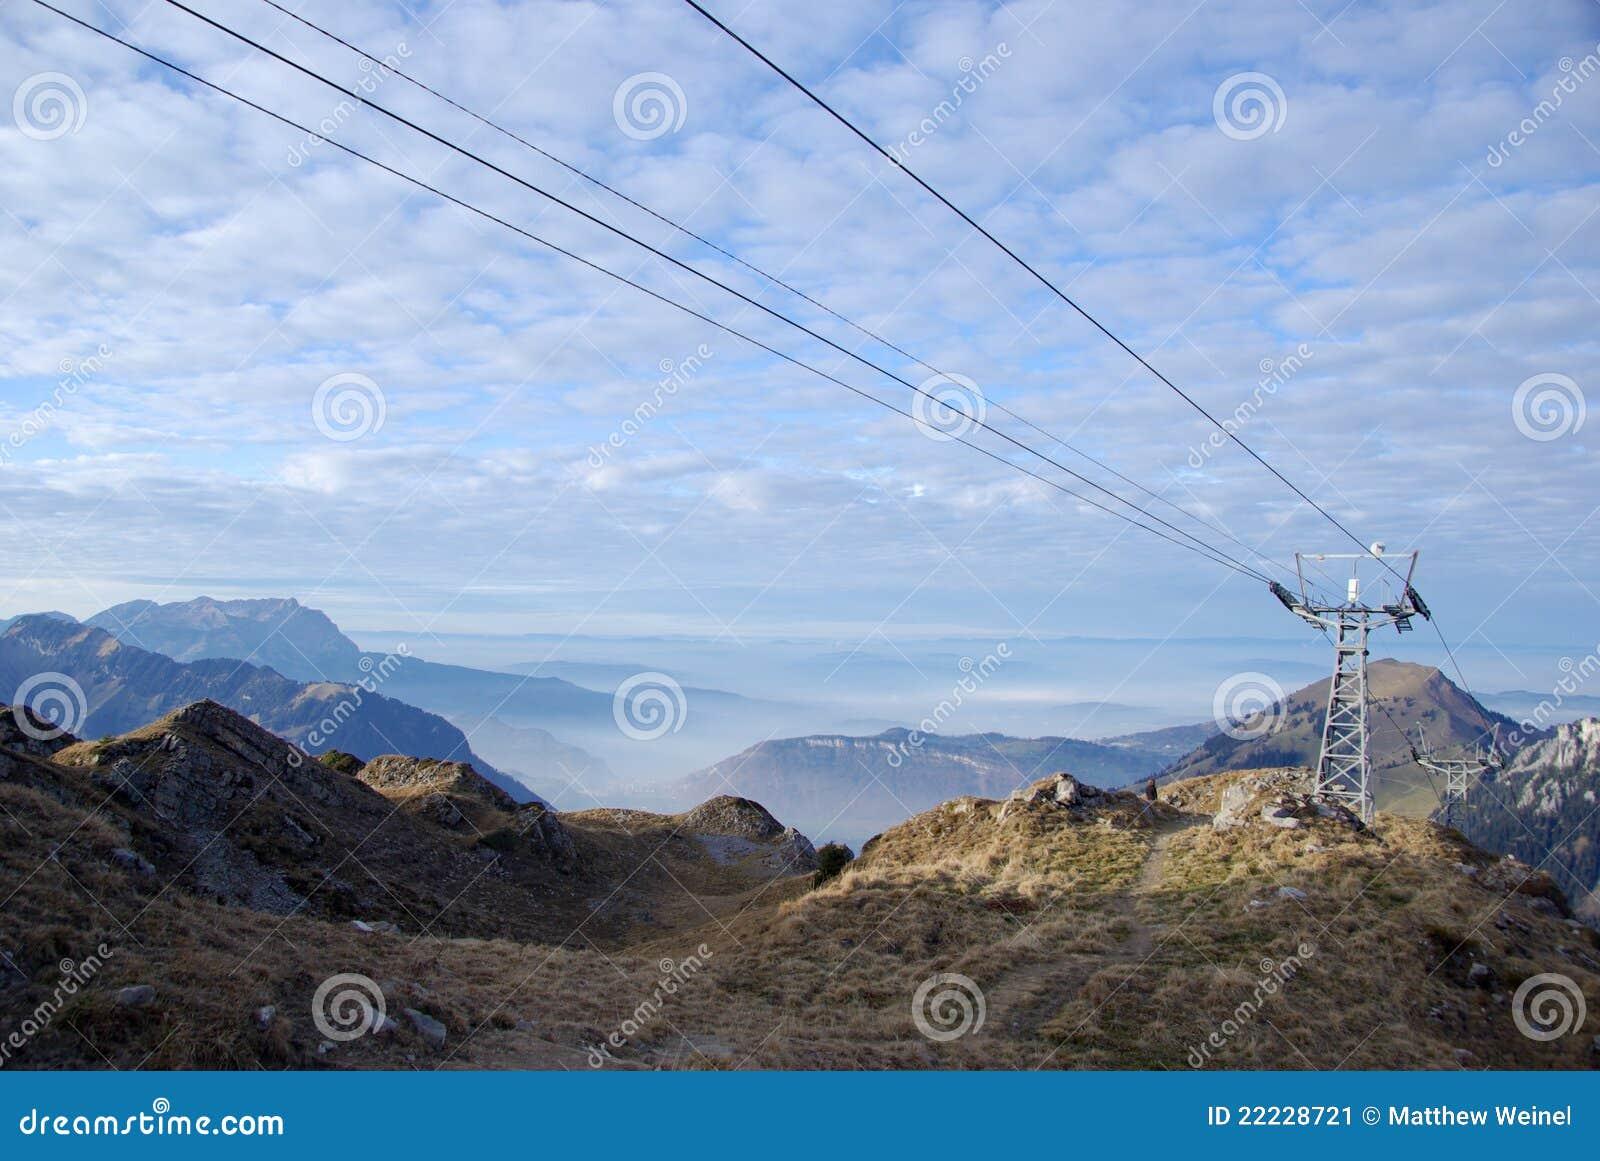 Piloni della cabina di funivia sulla montagna di haldigrat for Animali domestici della cabina di nashville